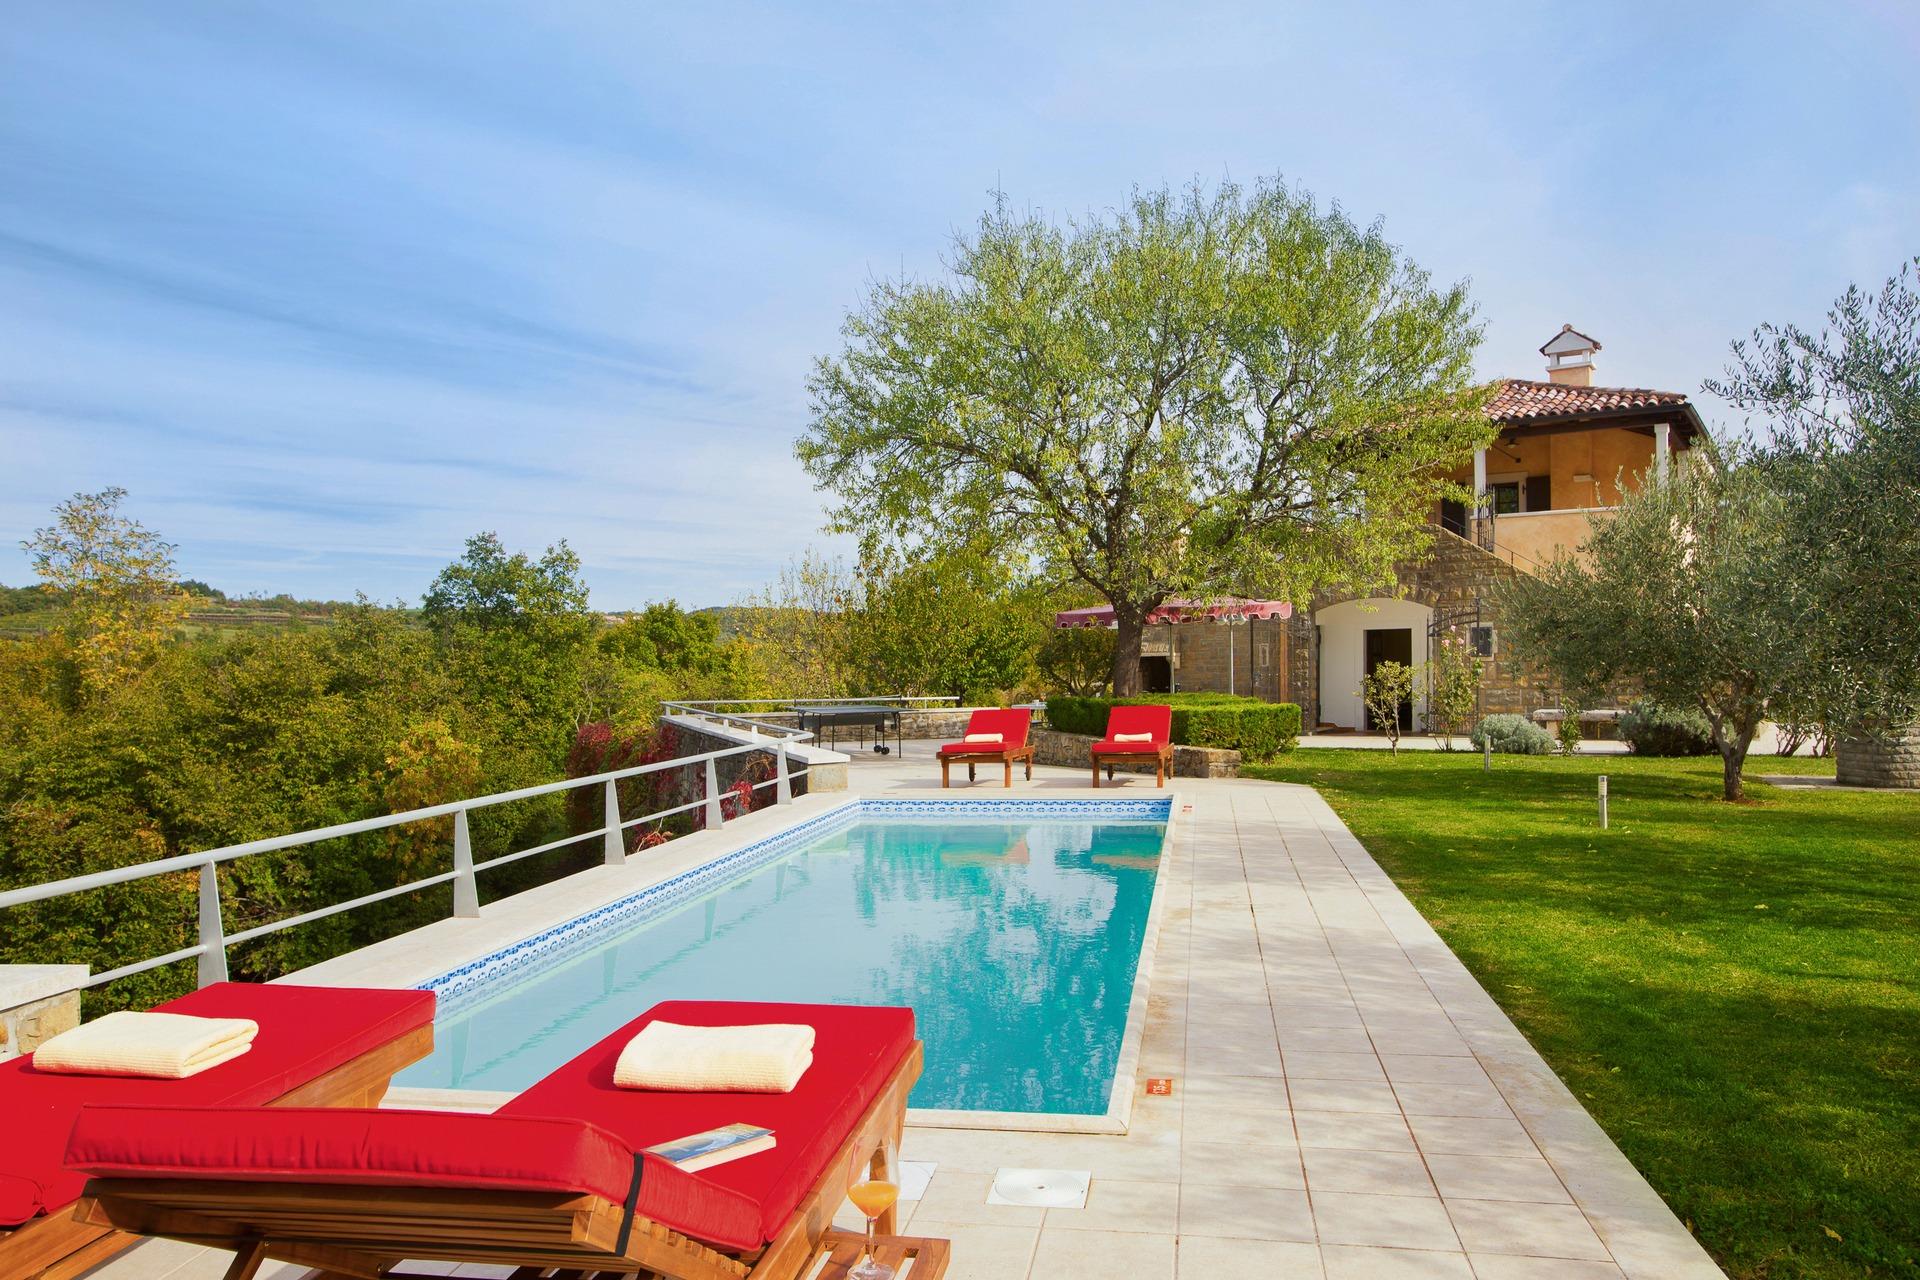 Swimming pool at Villa Momiano